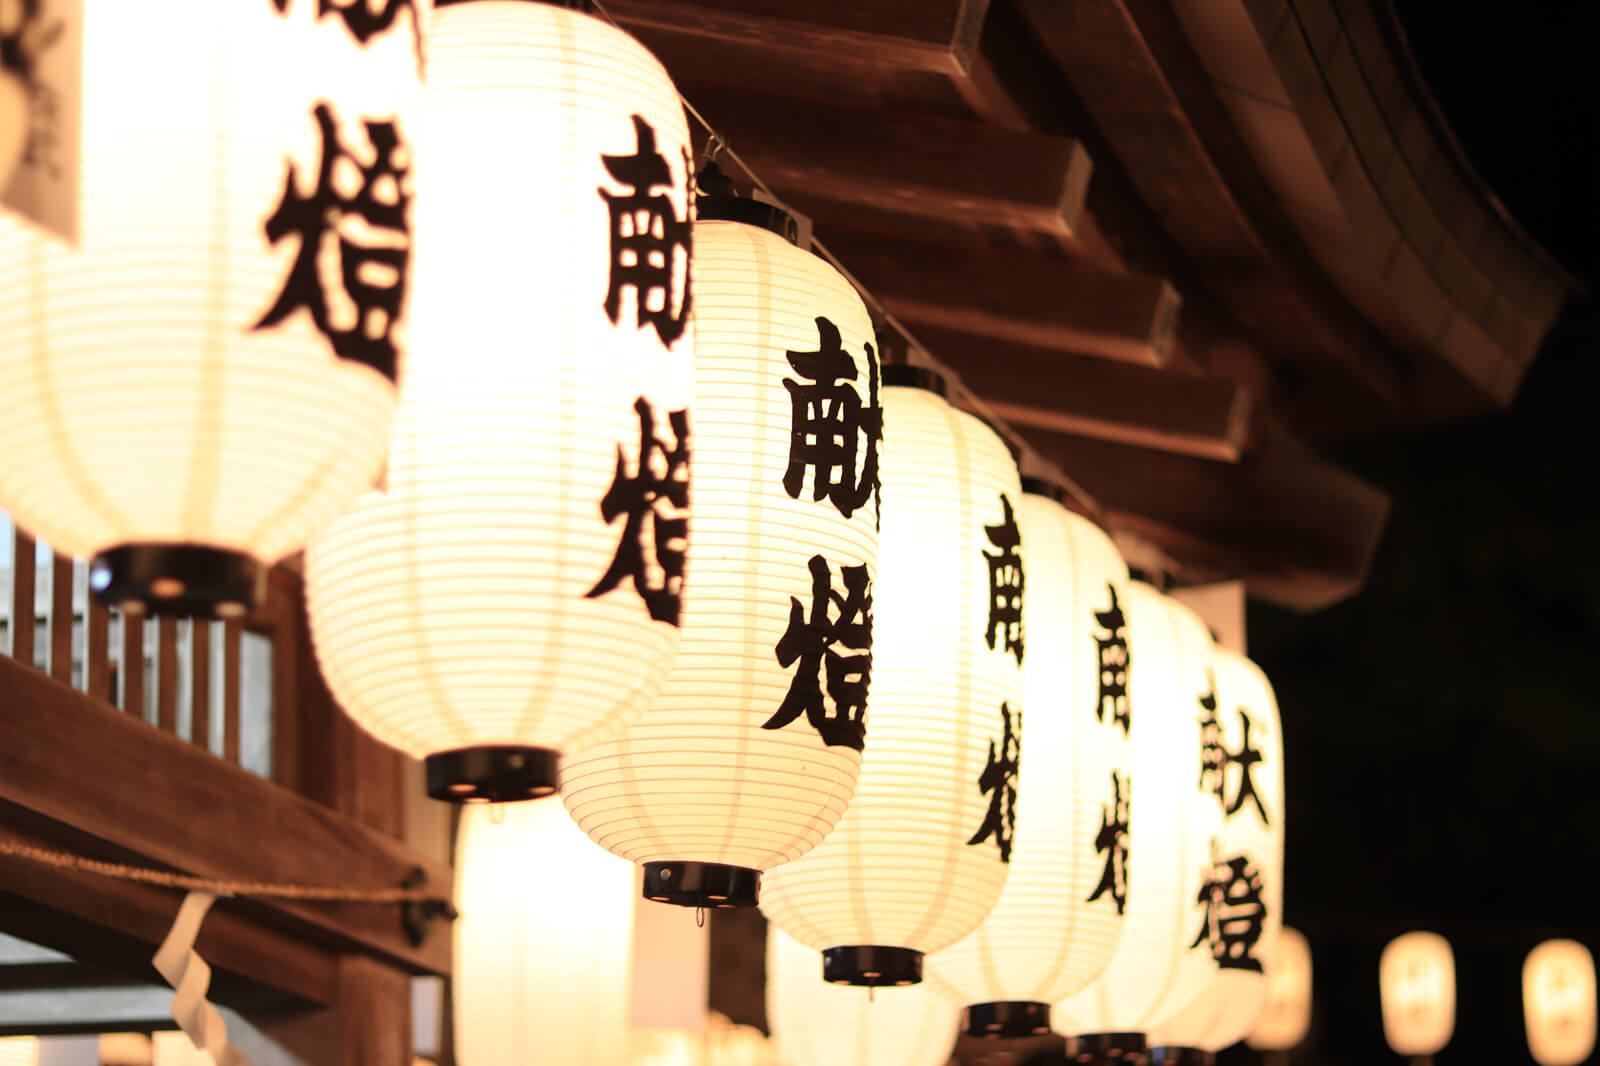 万灯祭で灯る提灯